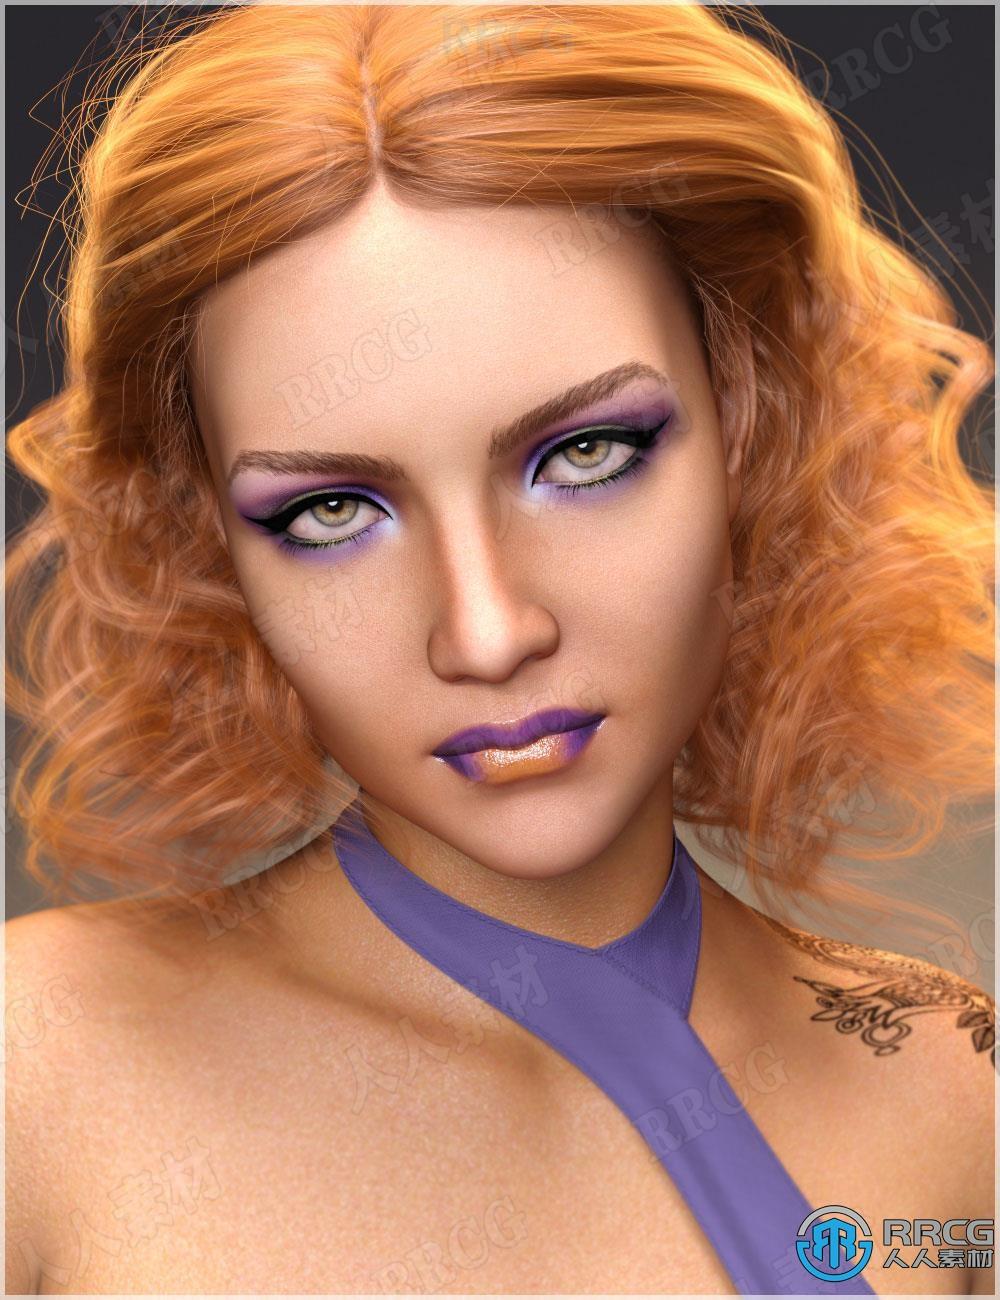 异国风情性感活力欧美女性角色3D模型合集